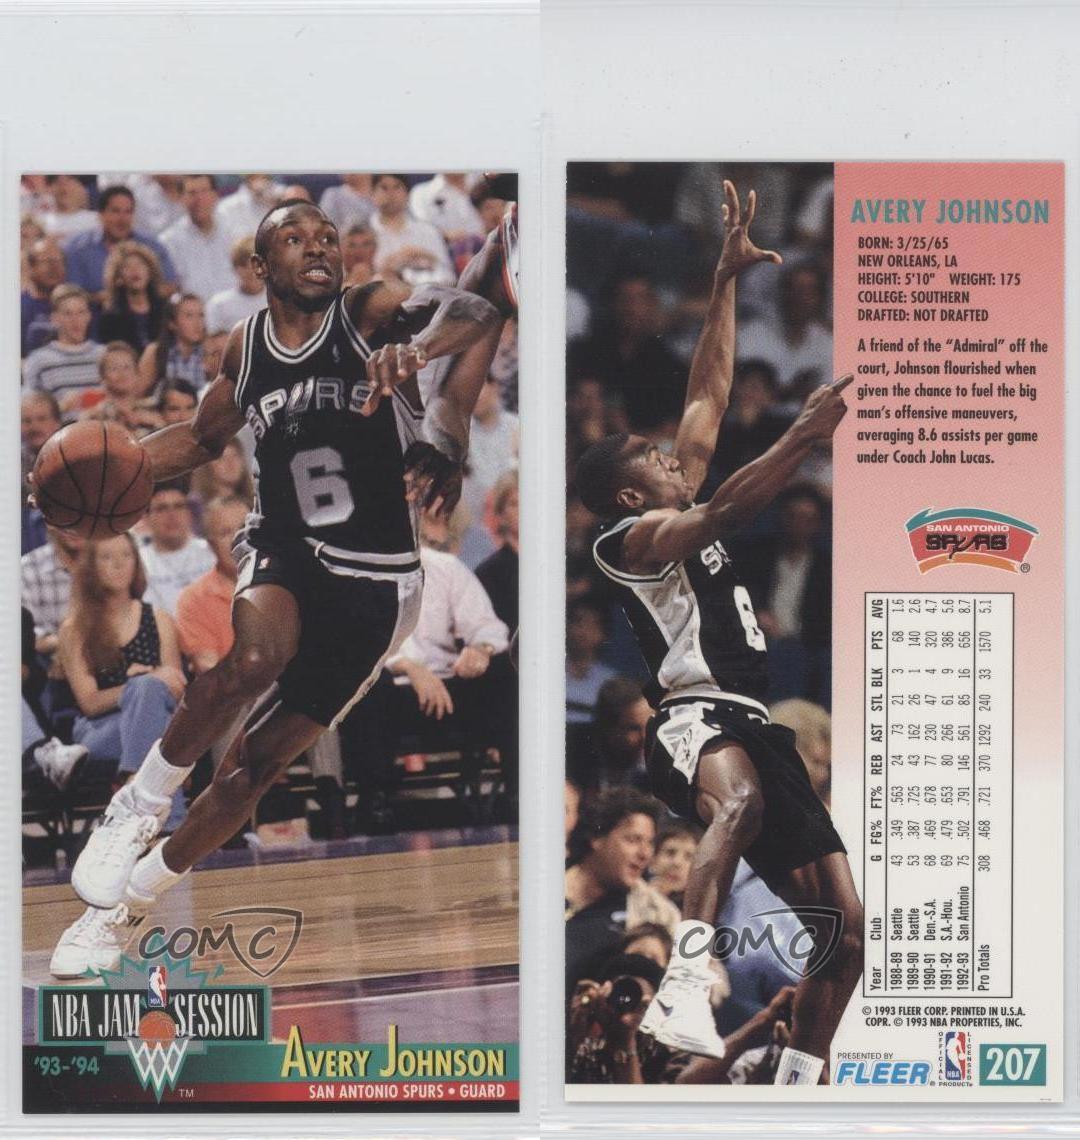 1993-94 NBA Jam Session #207 Avery Johnson San Antonio